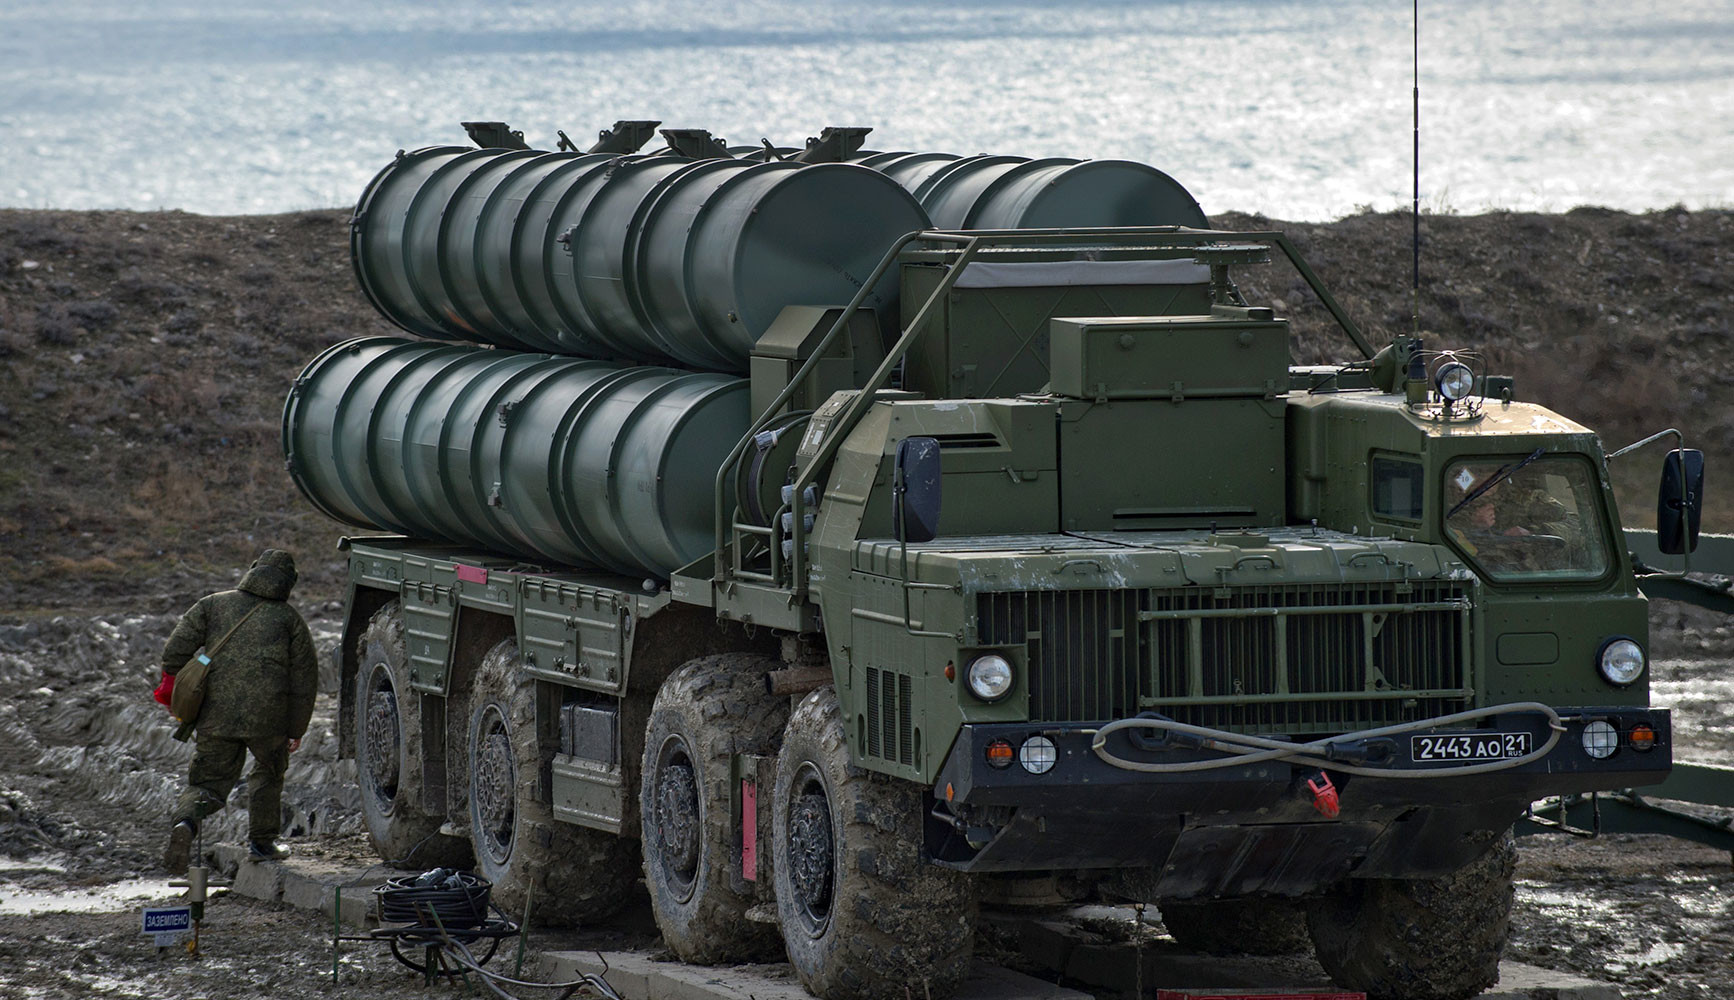 В Казахстане могут создать сервисные центры по ремонту российской военной техники